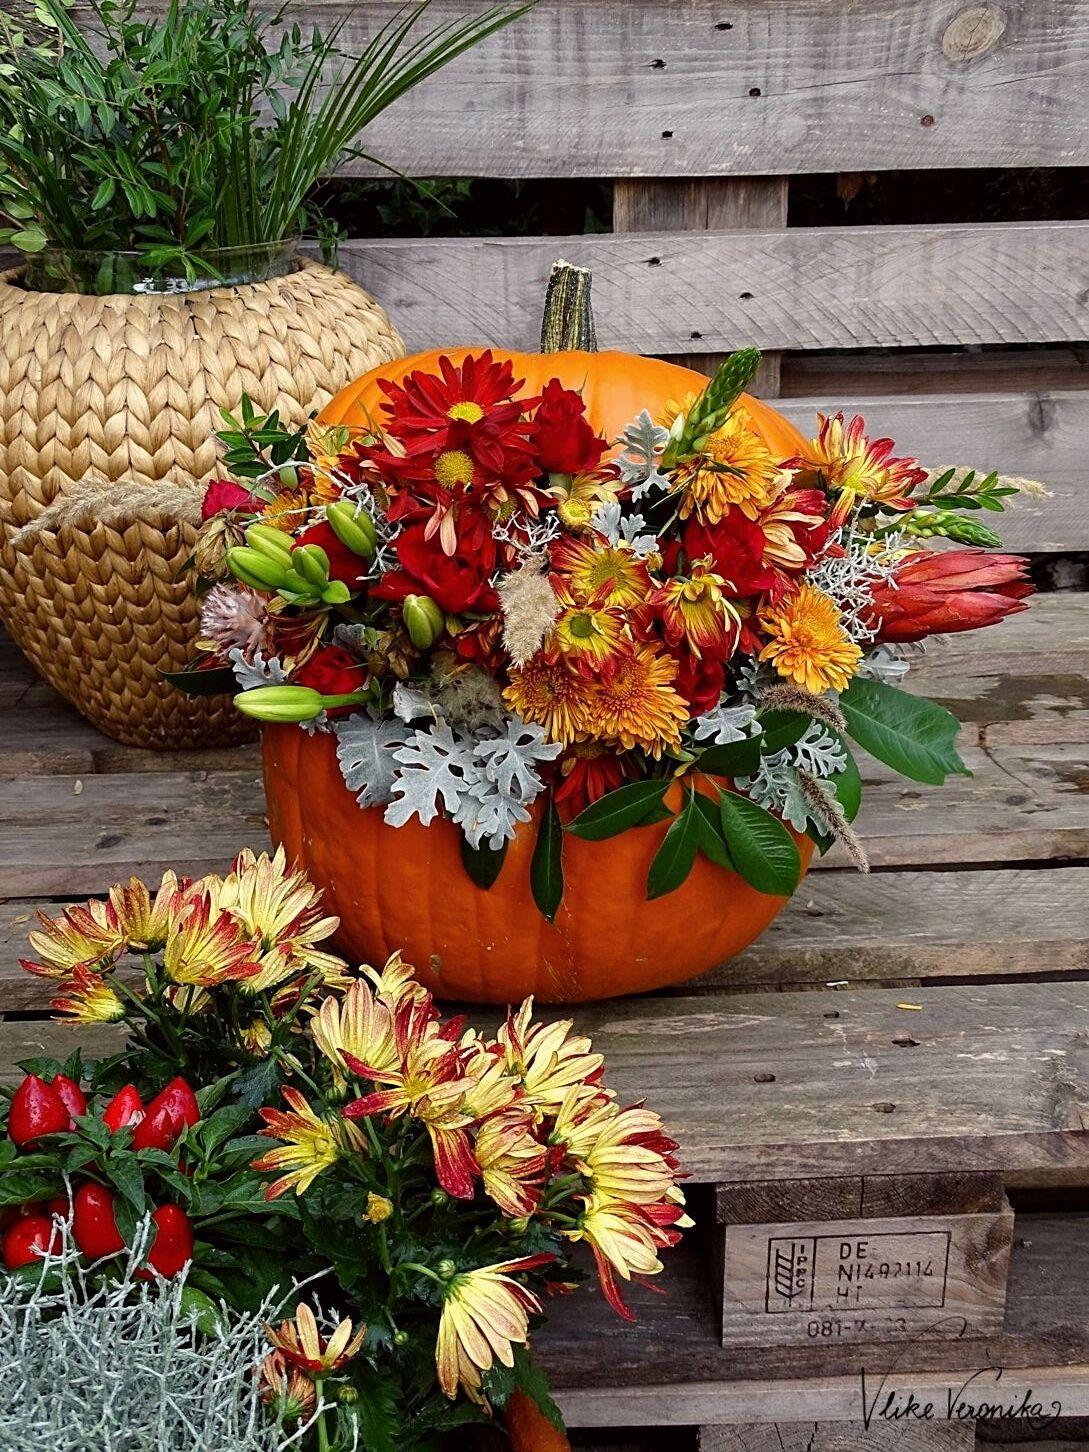 Der fertig dekorierte Kürbis sollte im Garten stehen, um bei niedrigen Temperaturen lange konsverviert zu werden.